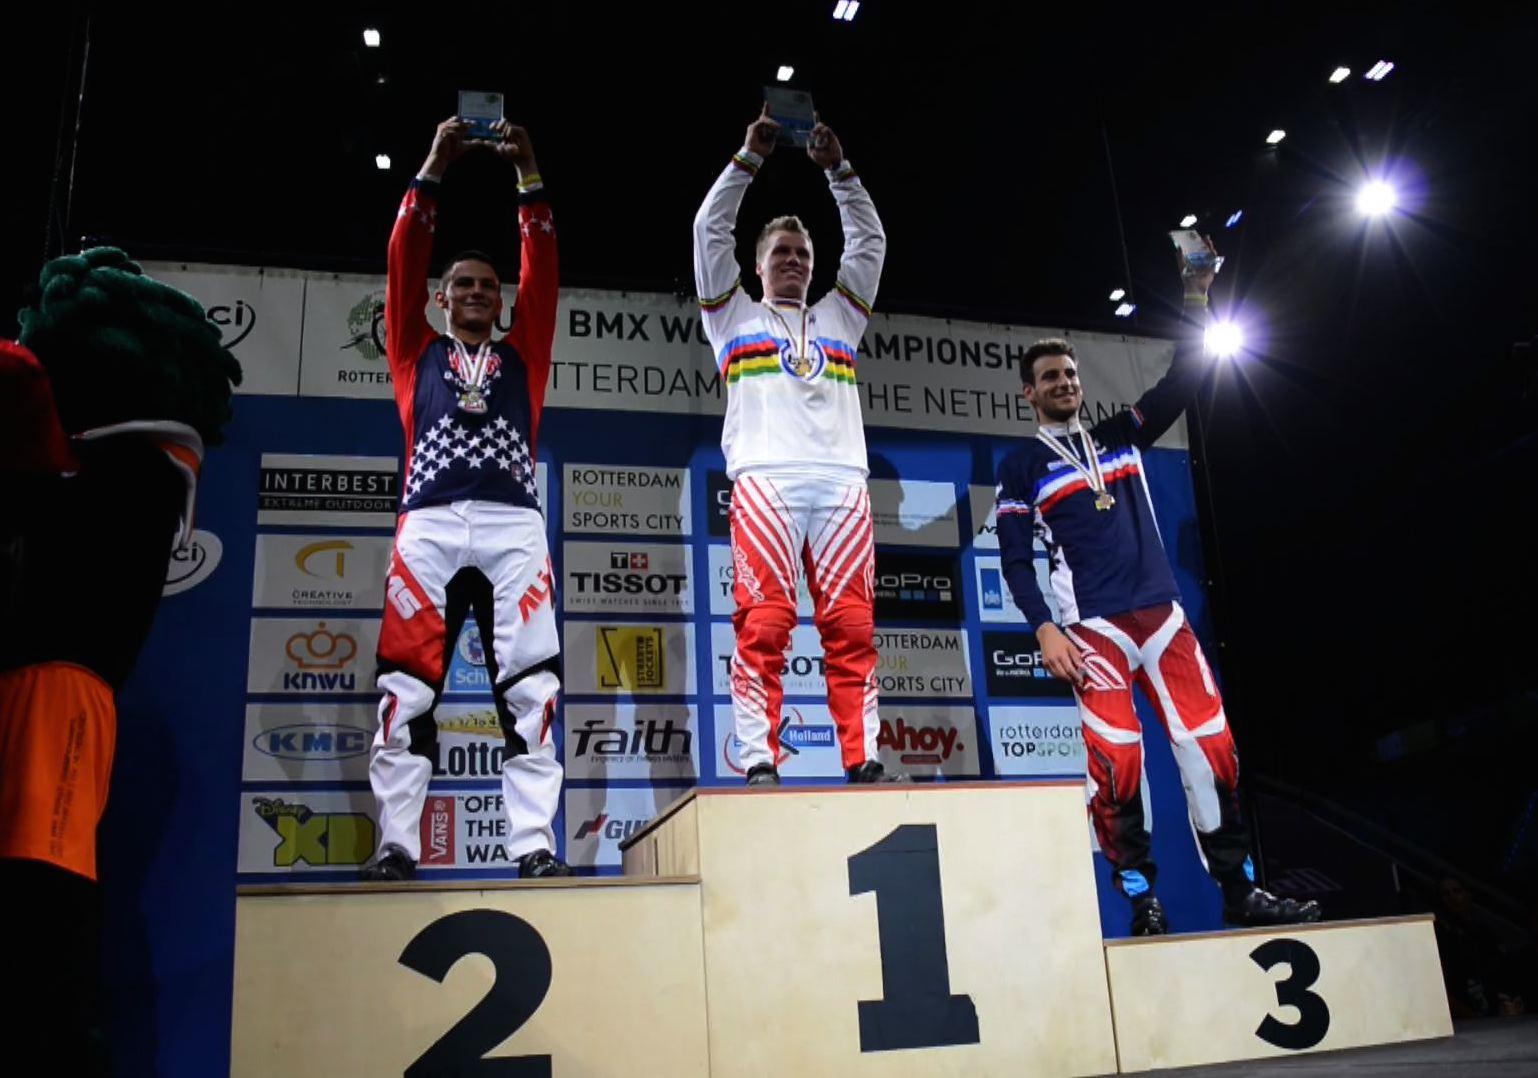 Joris Daudet wins the Bronze Medal at the UCI BMX World Championship TT Finals